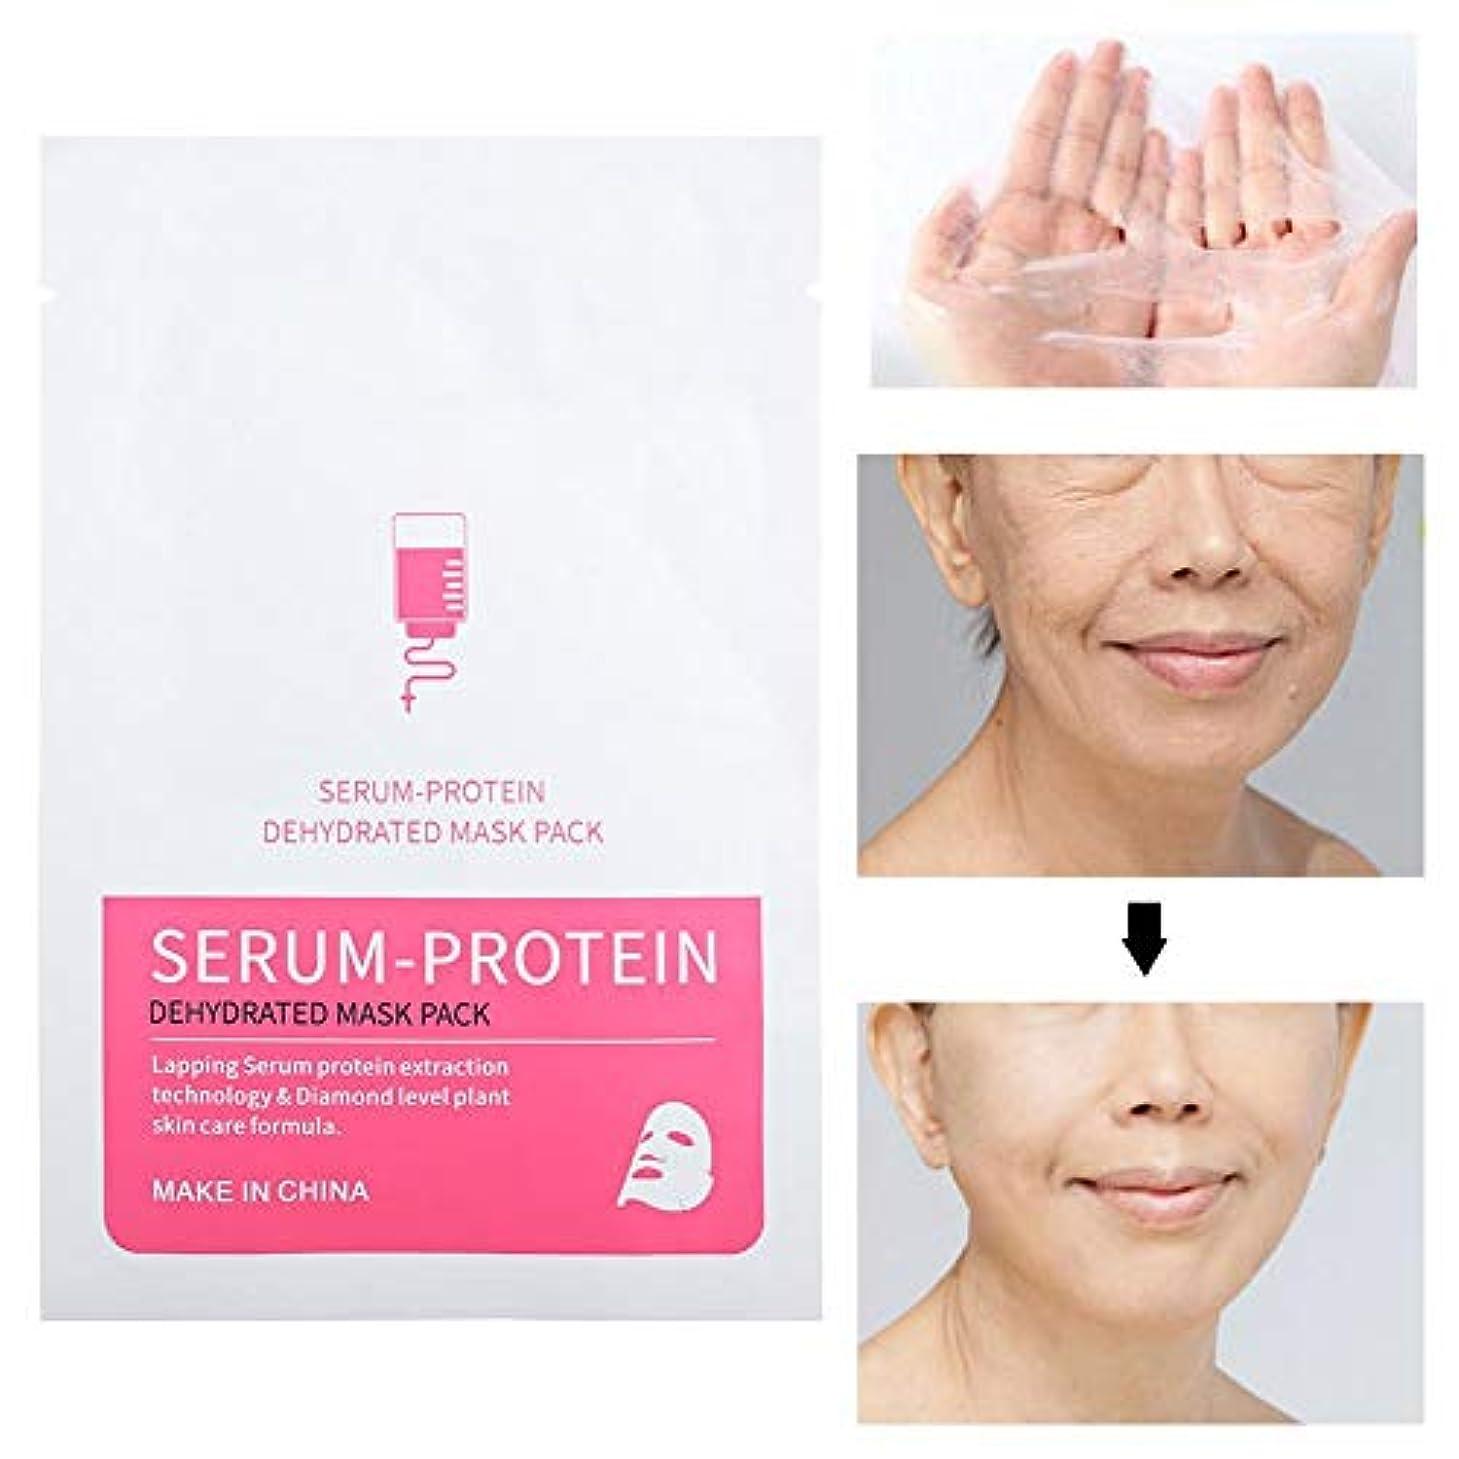 暫定のラフ睡眠ティーンエイジャー3.5g血清蛋白質のマスク、凍結乾燥させた粉のマスクをしっかり止める反しわの収縮の気孔